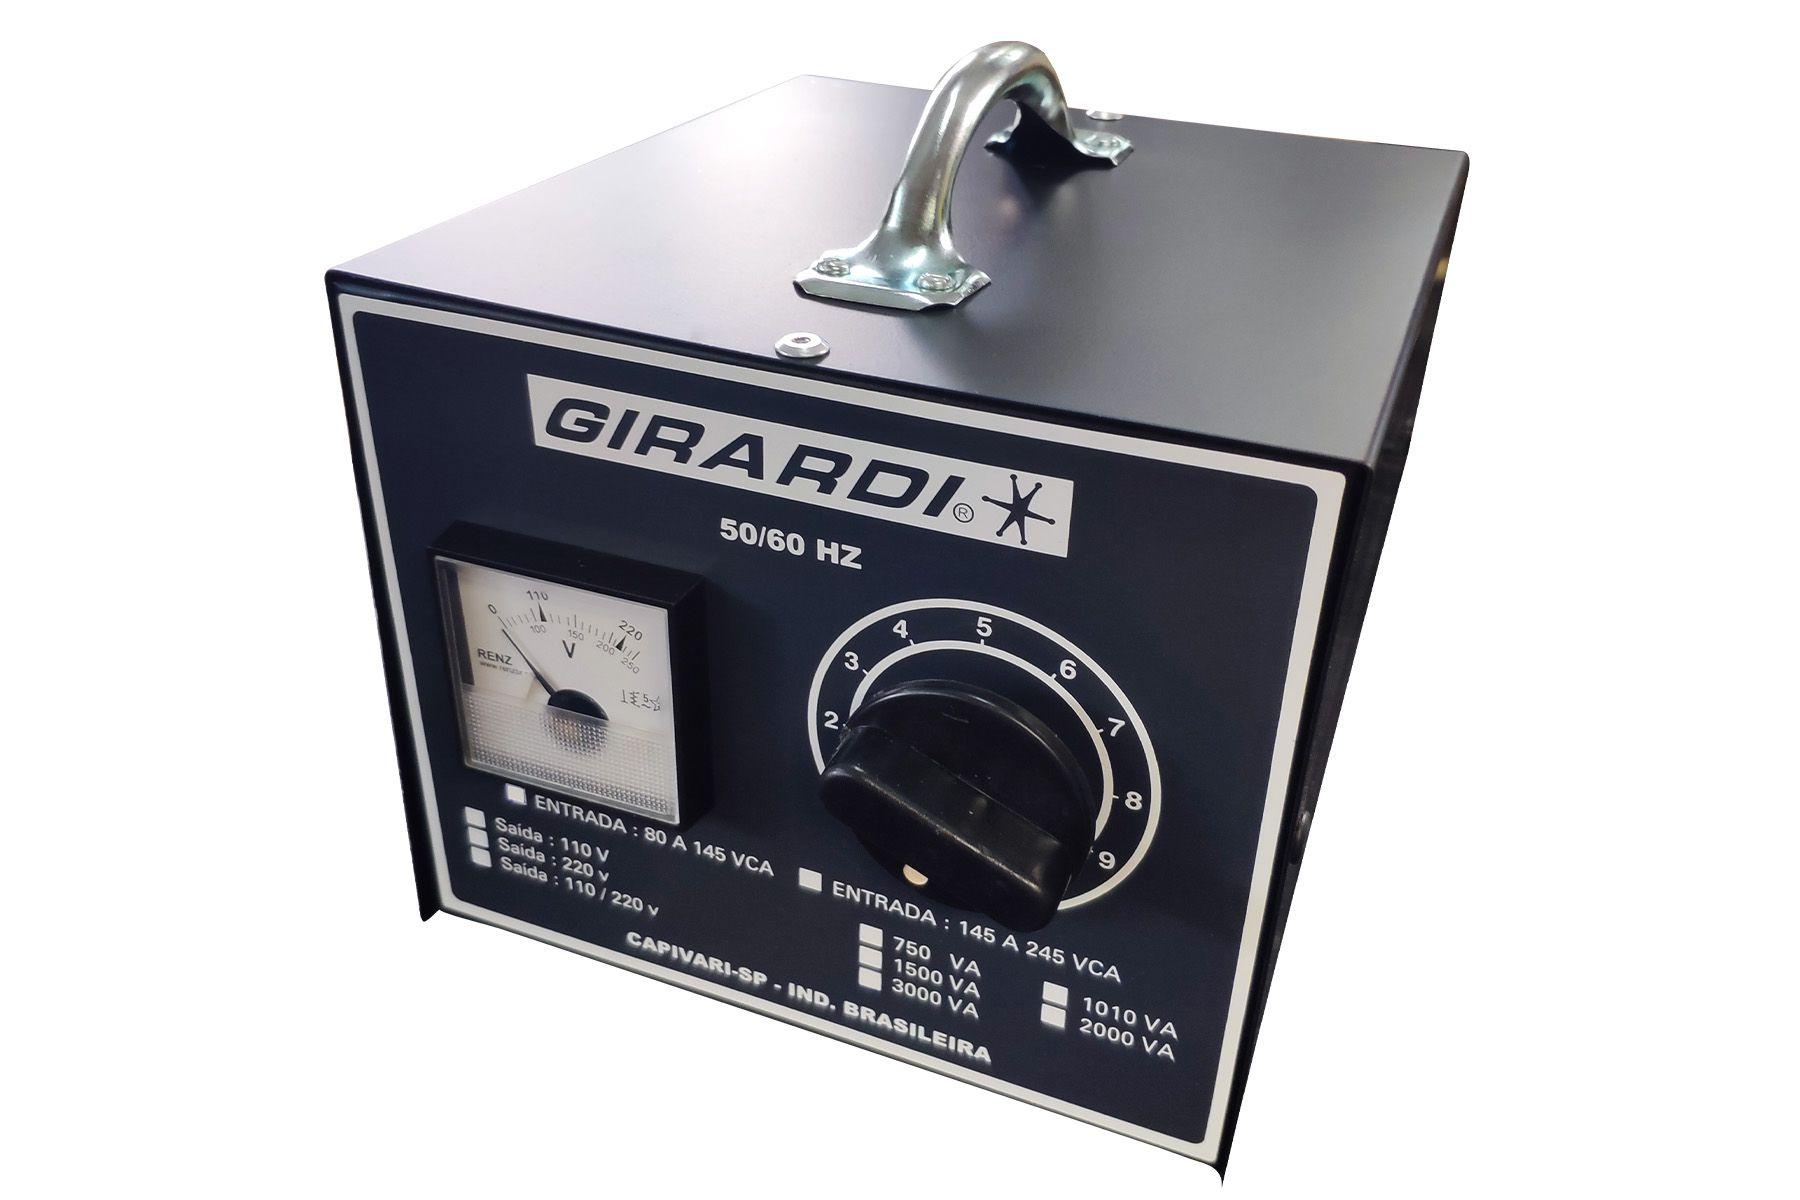 Regulador Manual de Tensão / Voltagem Girardi 3000VA Entrada 220V Saída Bivolt